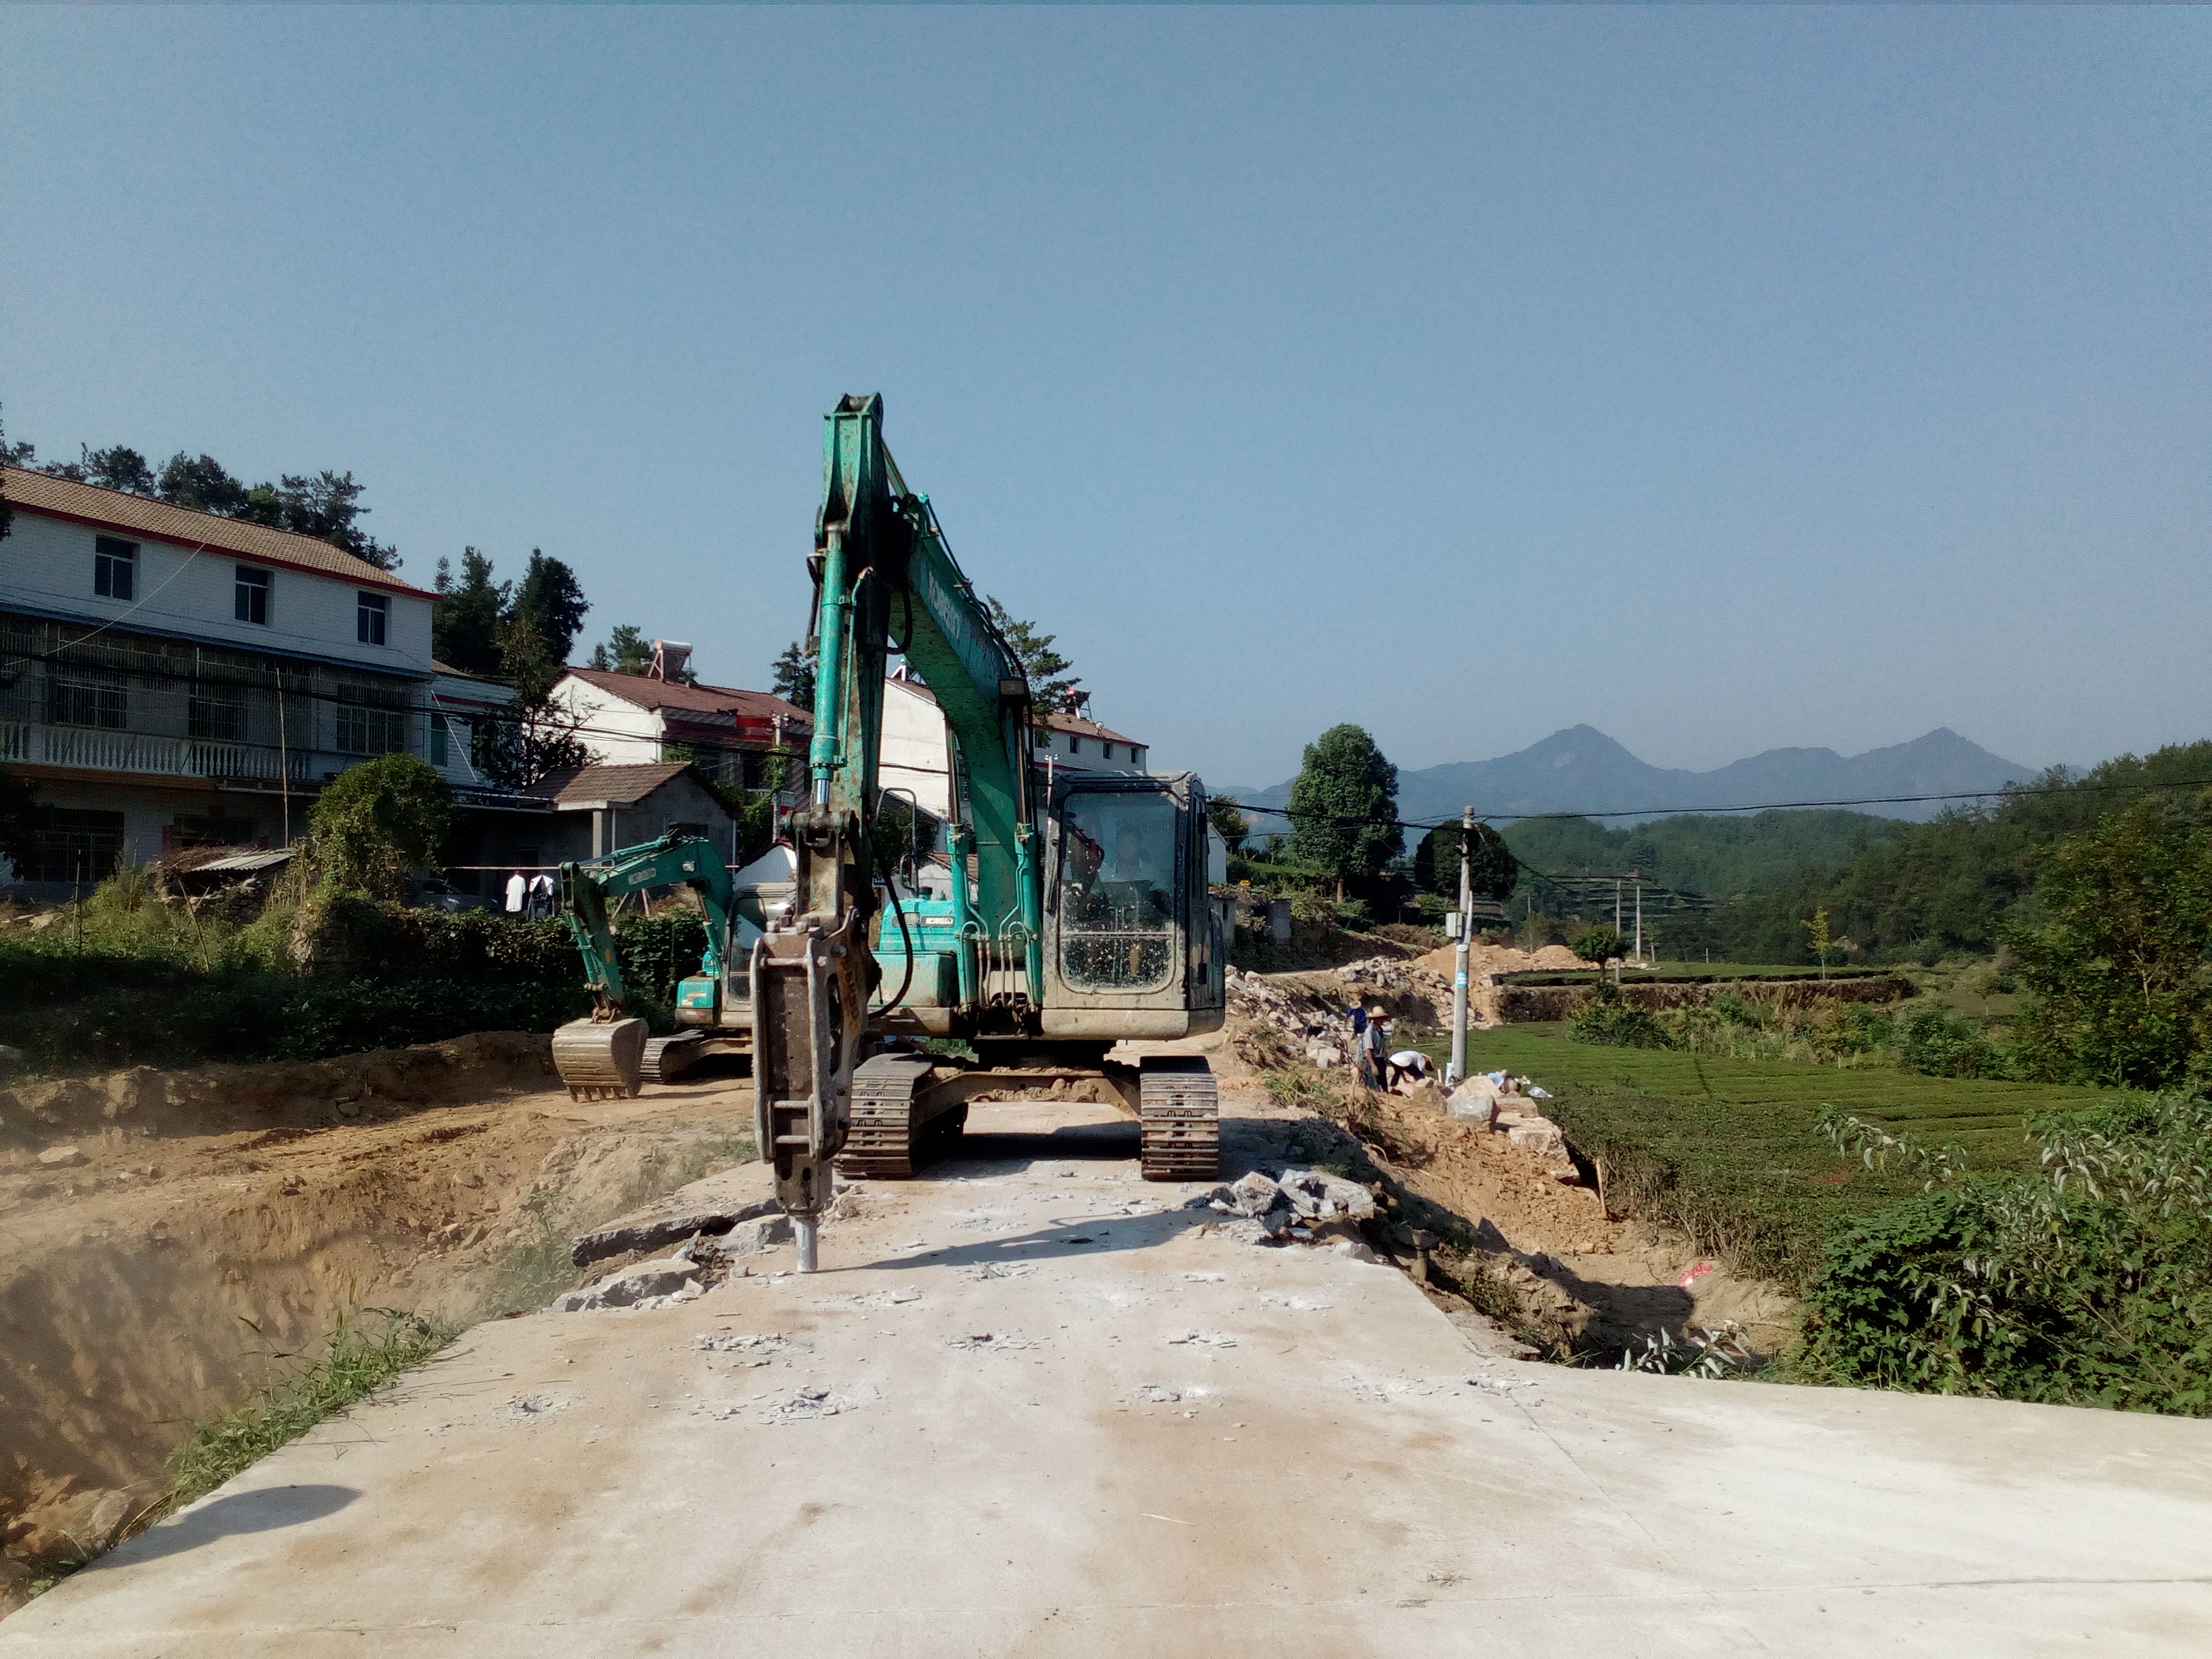 湖北英山县腰磨畈村:美丽乡村建设正在进行时